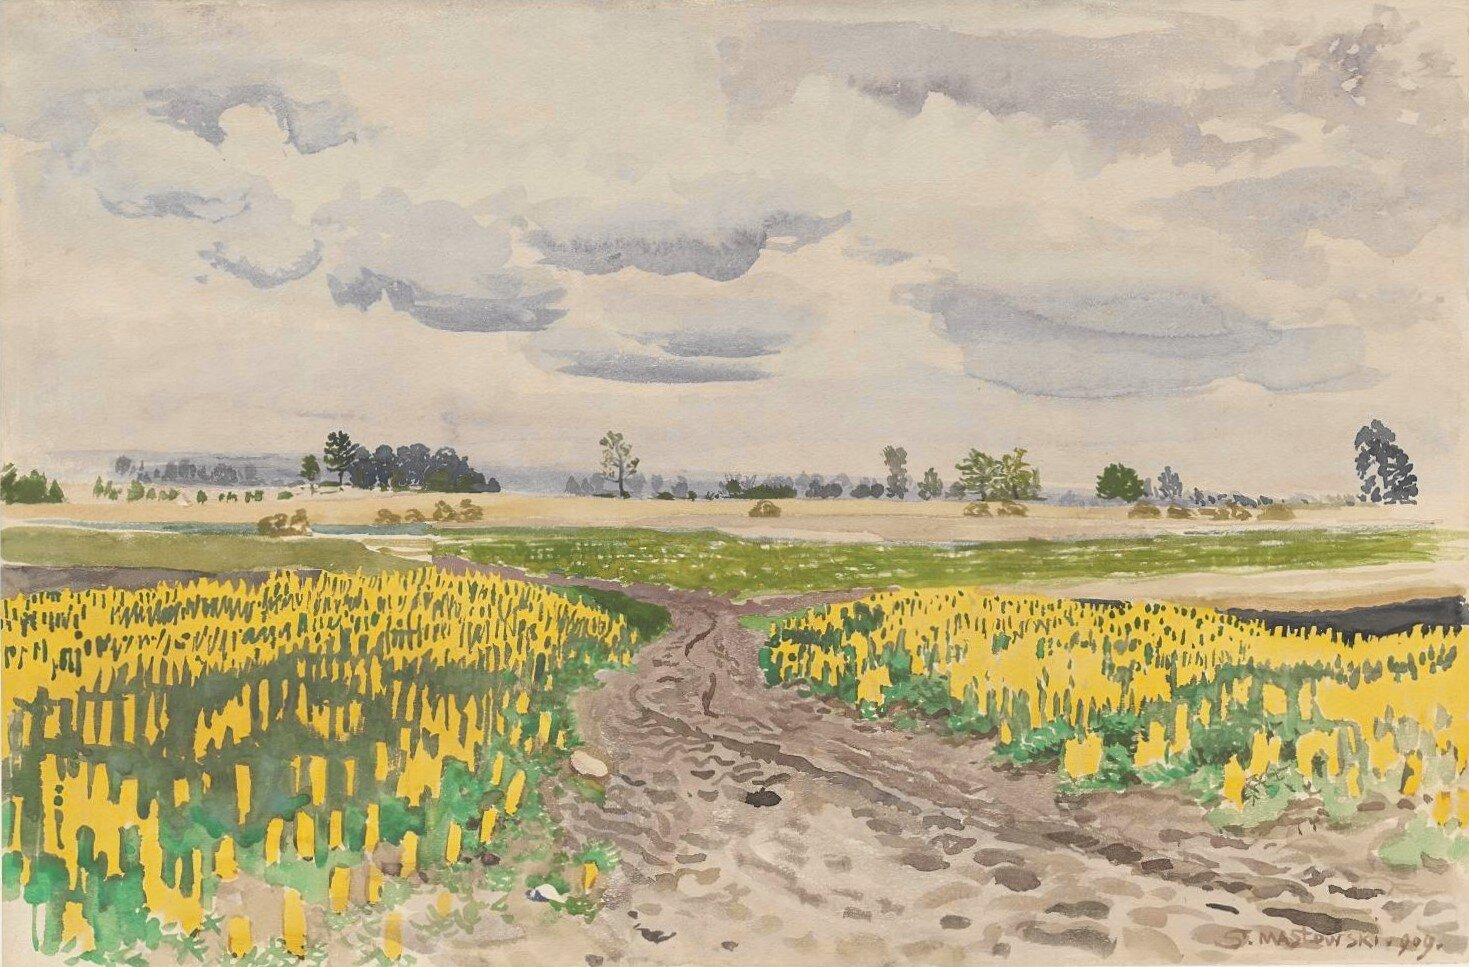 Łubin – droga polna Źródło: Stanisław Masłowski, Łubin – droga polna, 1909, akwarela, domena publiczna.